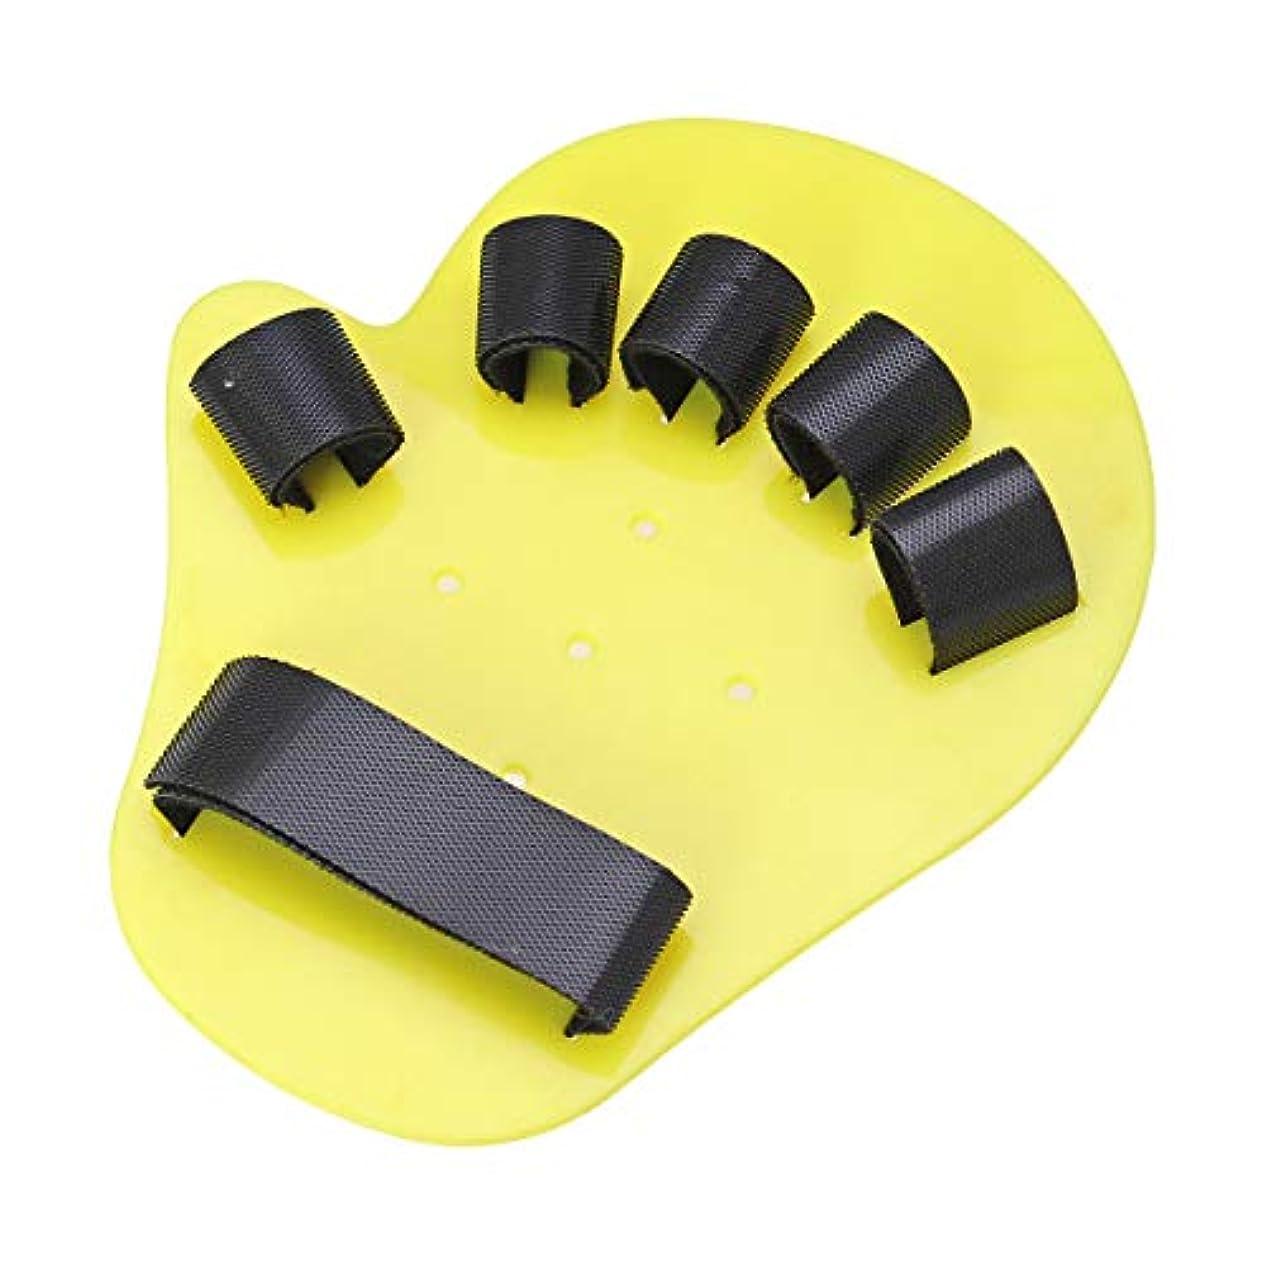 修理工宝アヒルSUPVOX 指の装具キッズ指トレーニングボード指副木指用脳卒中片麻痺5-10年